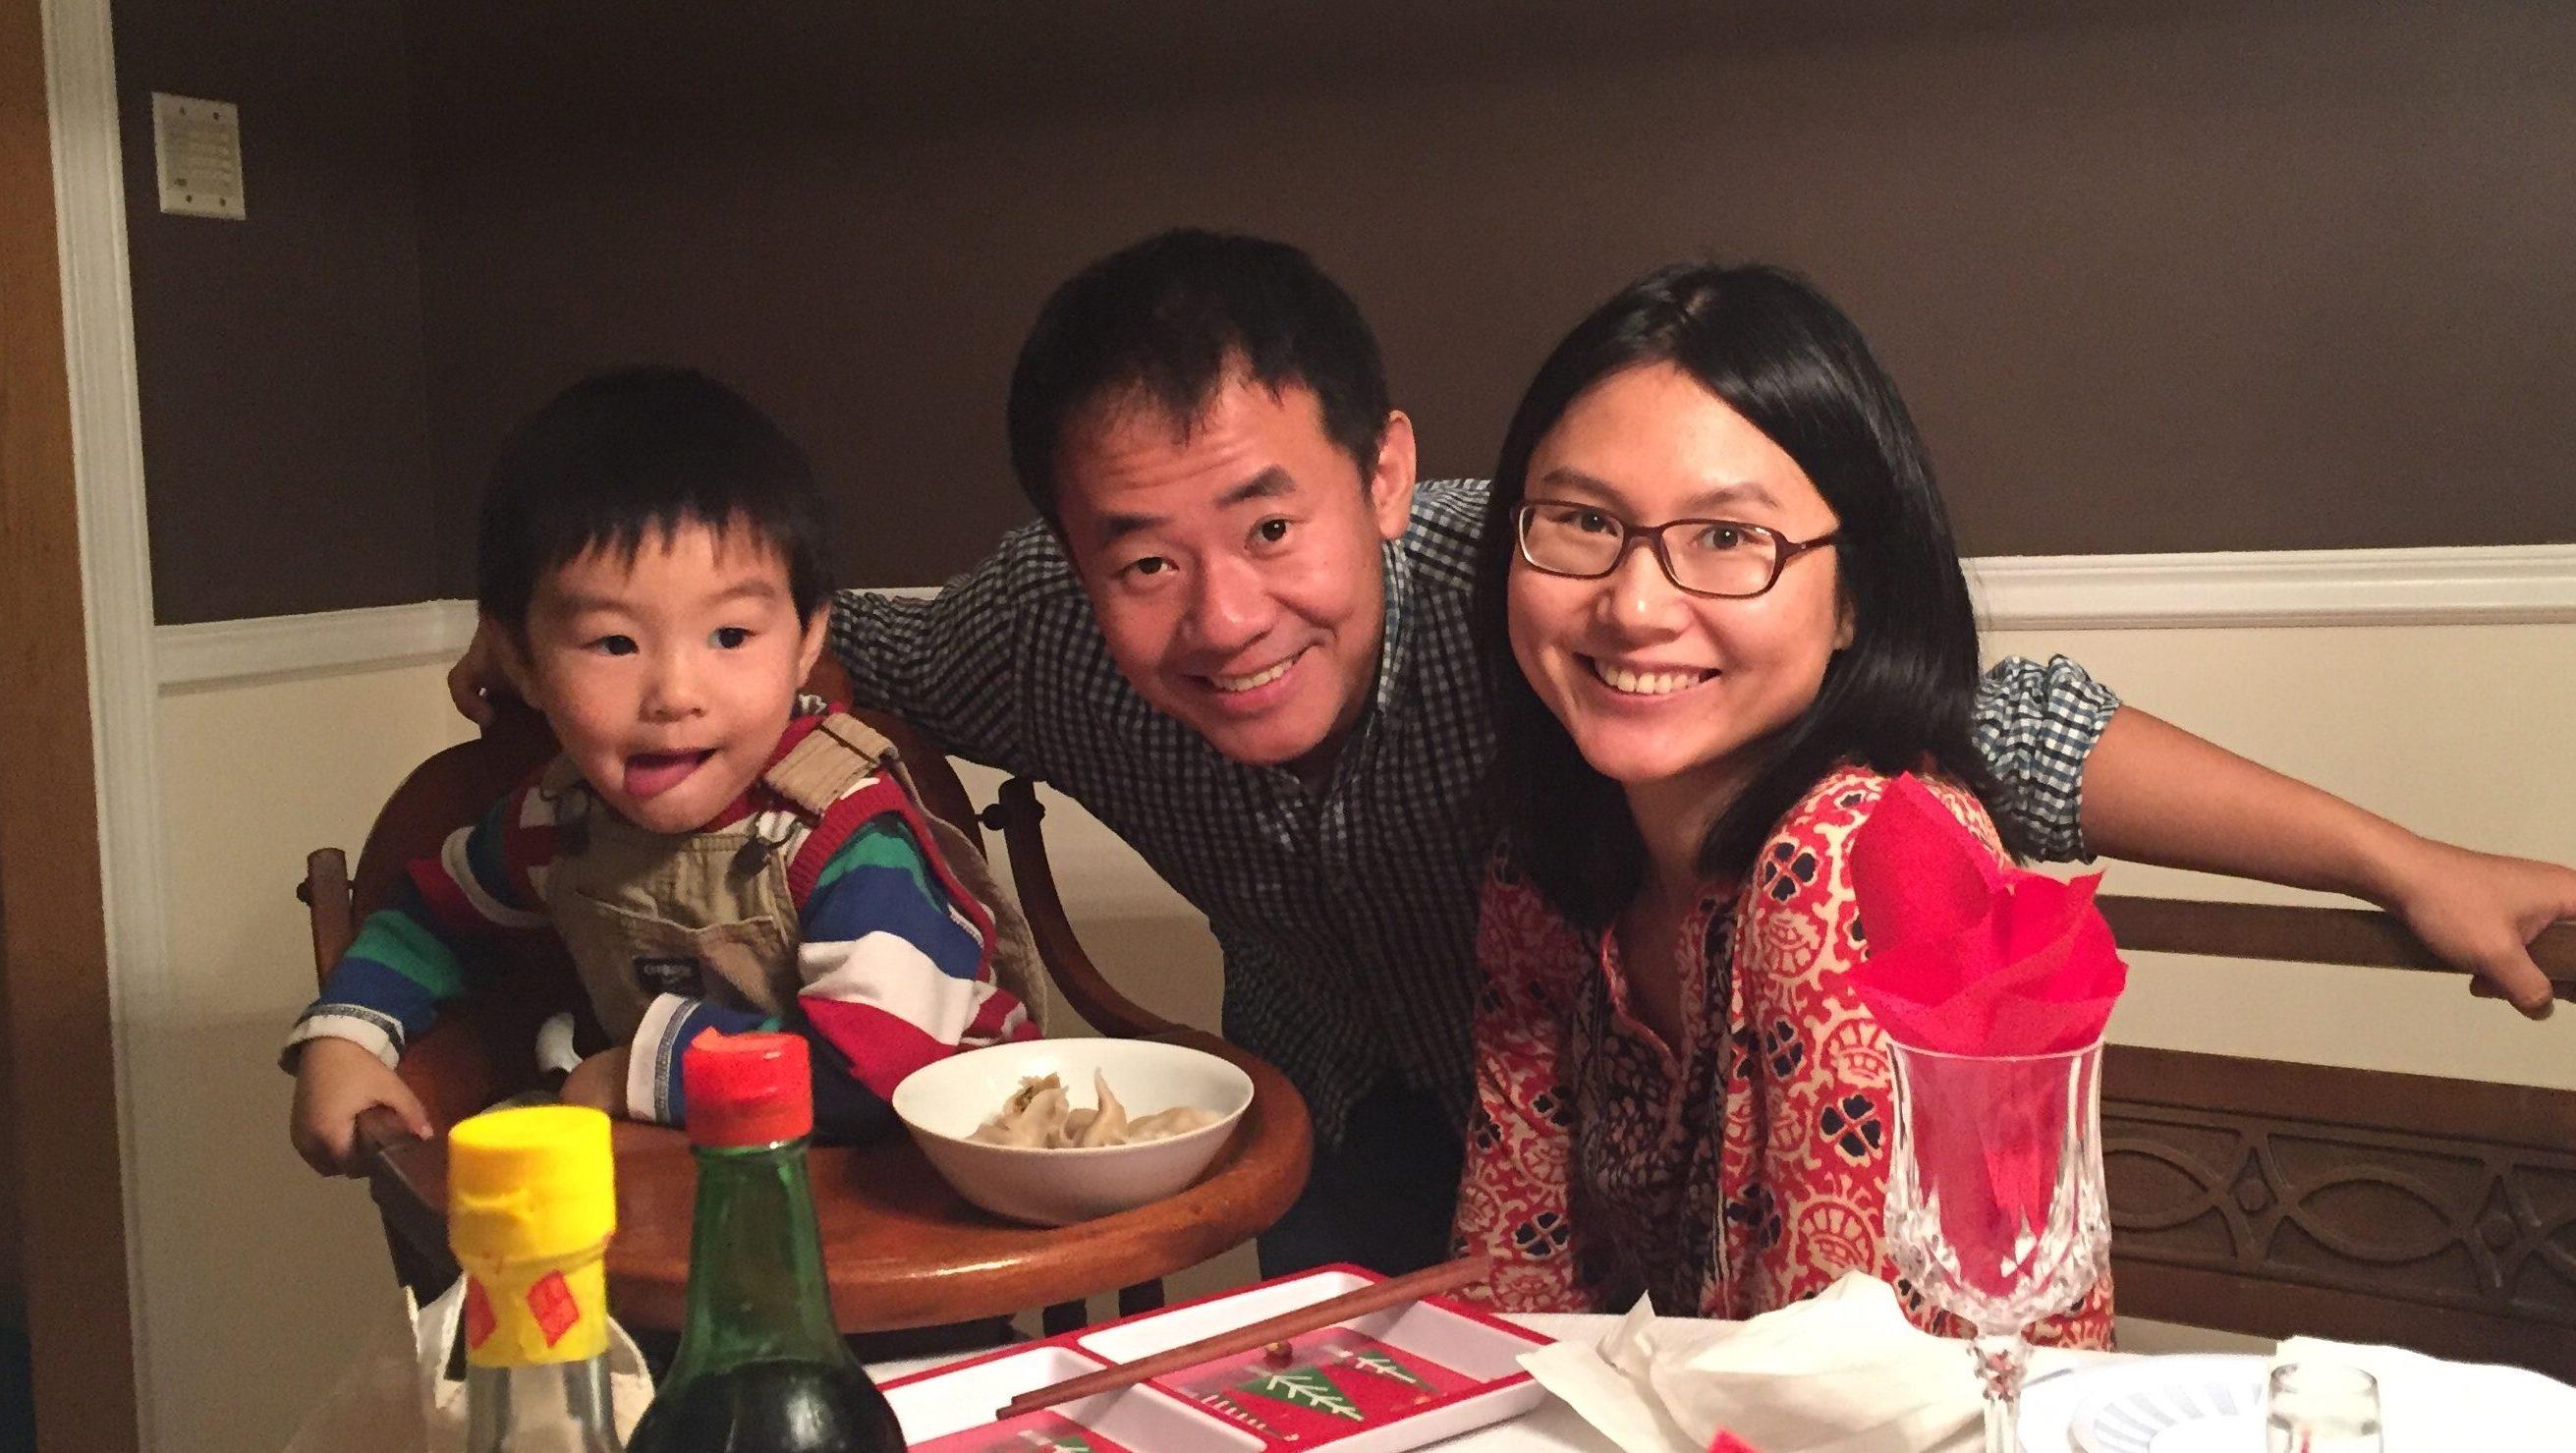 王夕越(中)有個幸福家庭,妻子邱華(右)與四歲兒子已經一年多沒見他。(邱華提供)